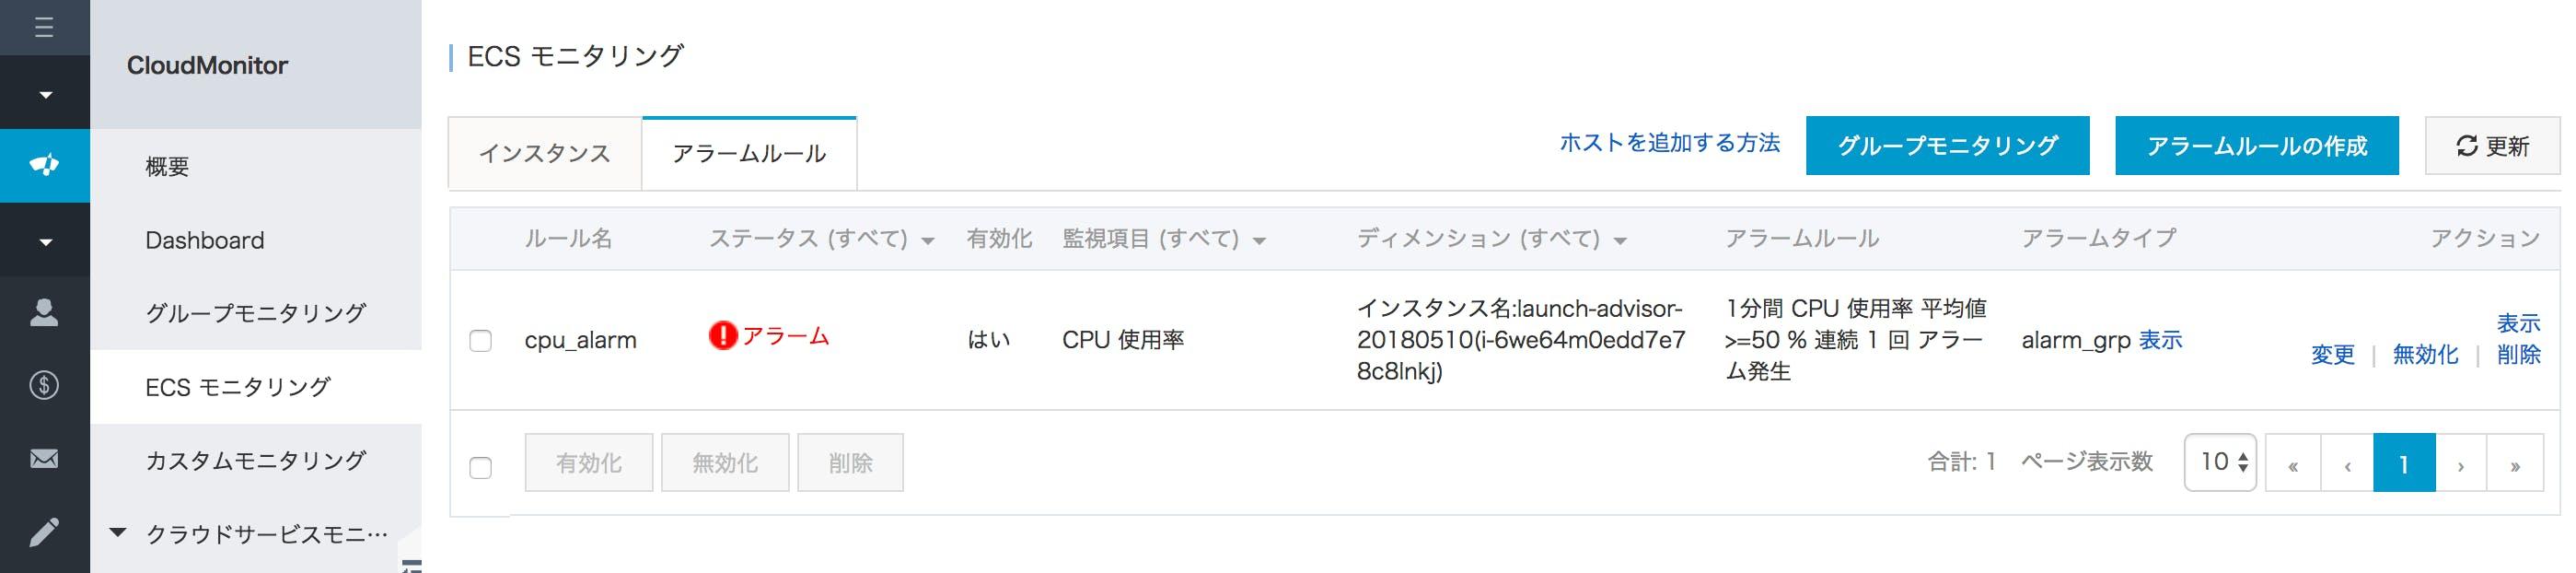 スクリーンショット 2018-05-10 22.36.48.png